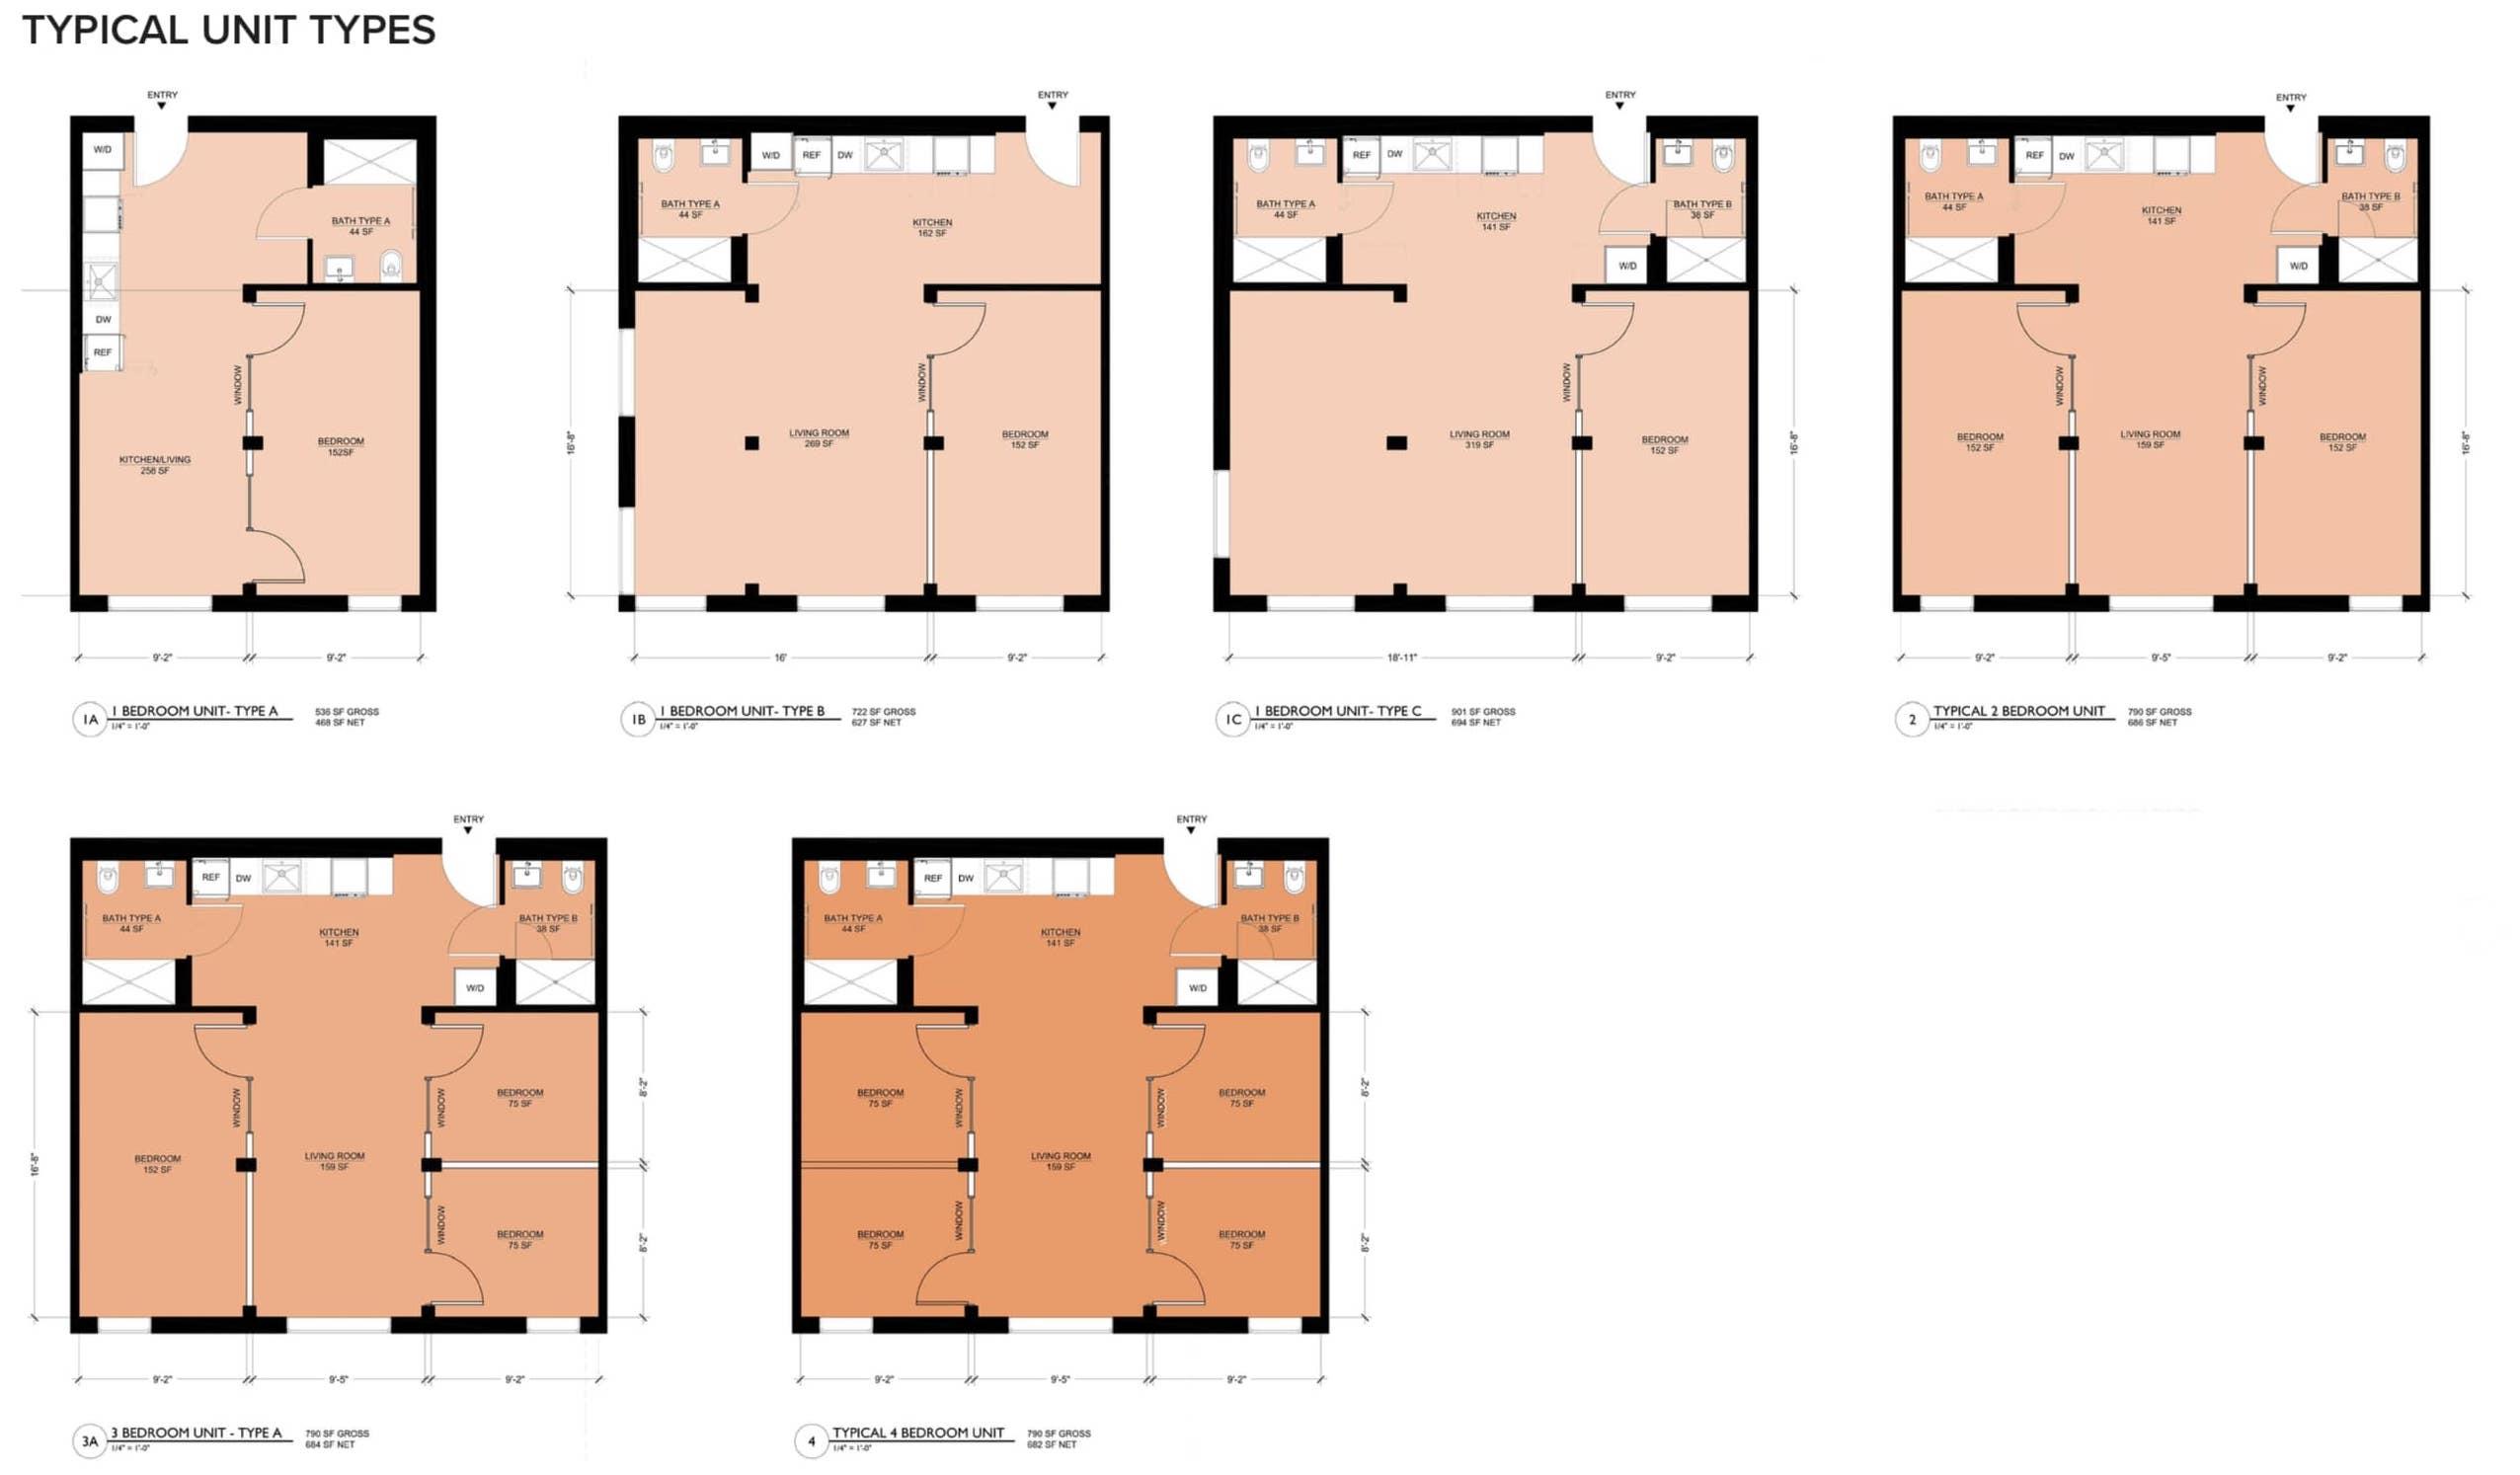 1510 Webster Street Unit Plans